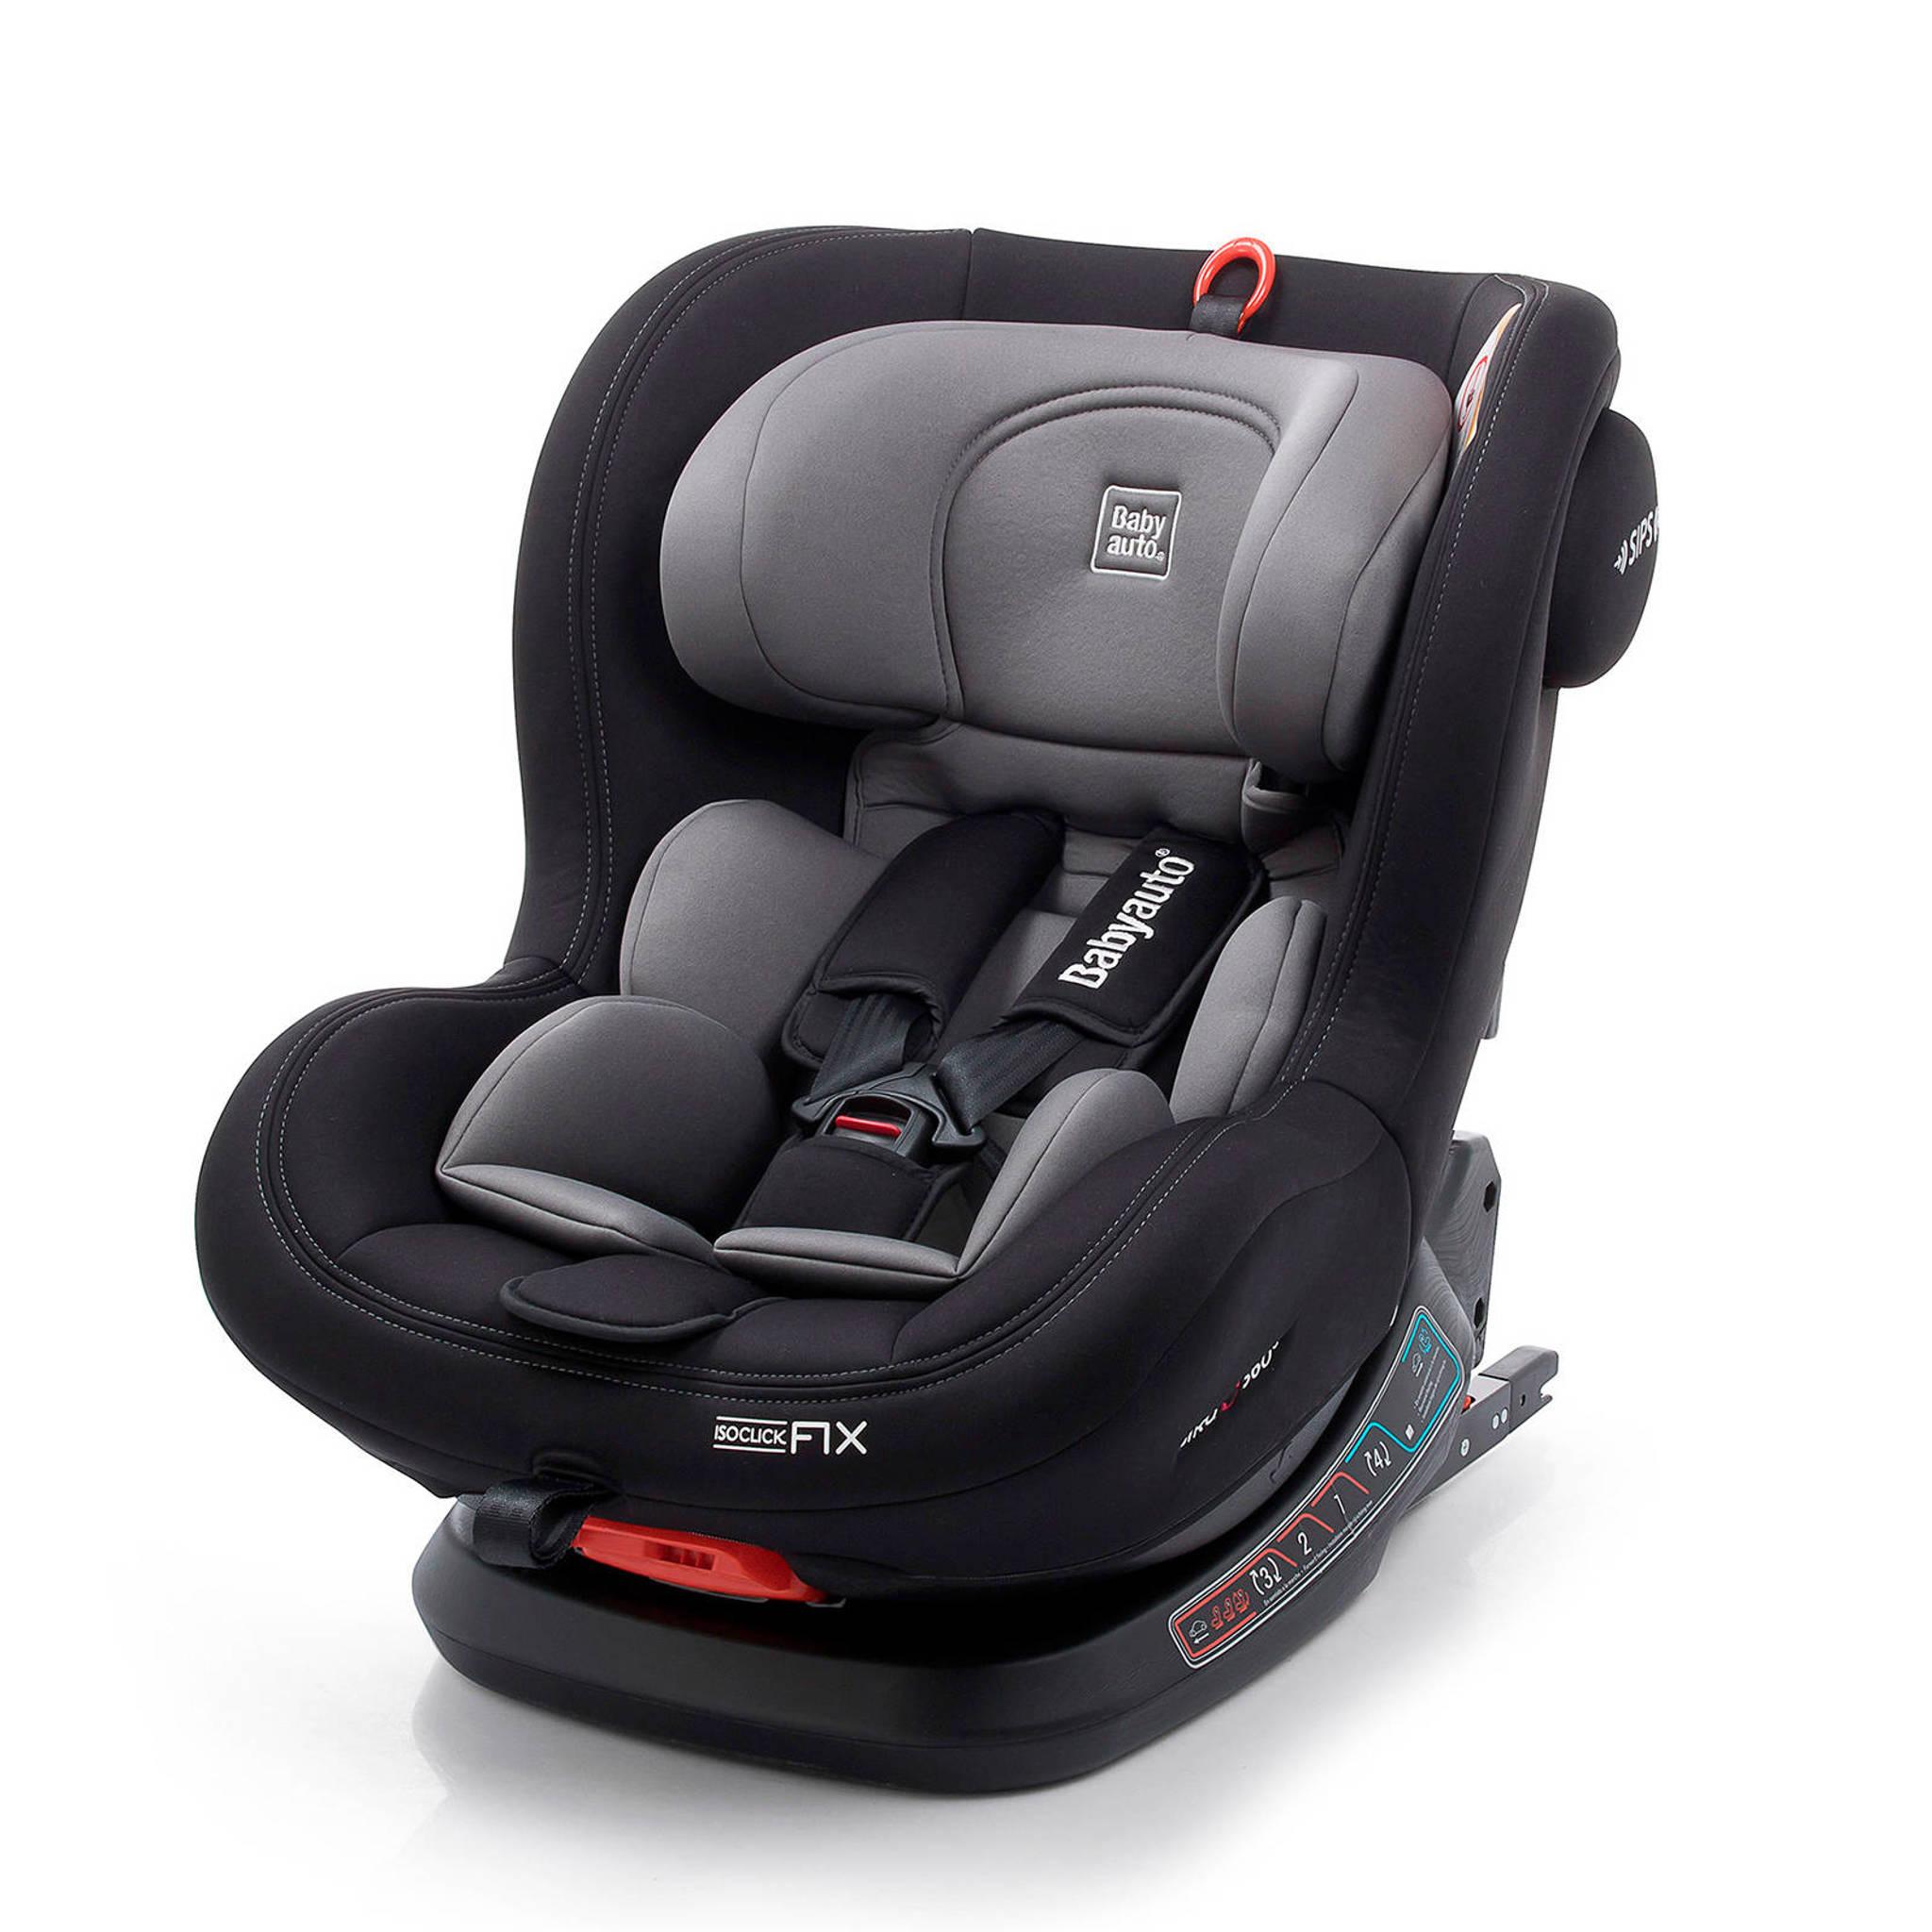 Kinderstoel Auto 6 Jaar.Biro Fix Autostoel Zwart Grijs